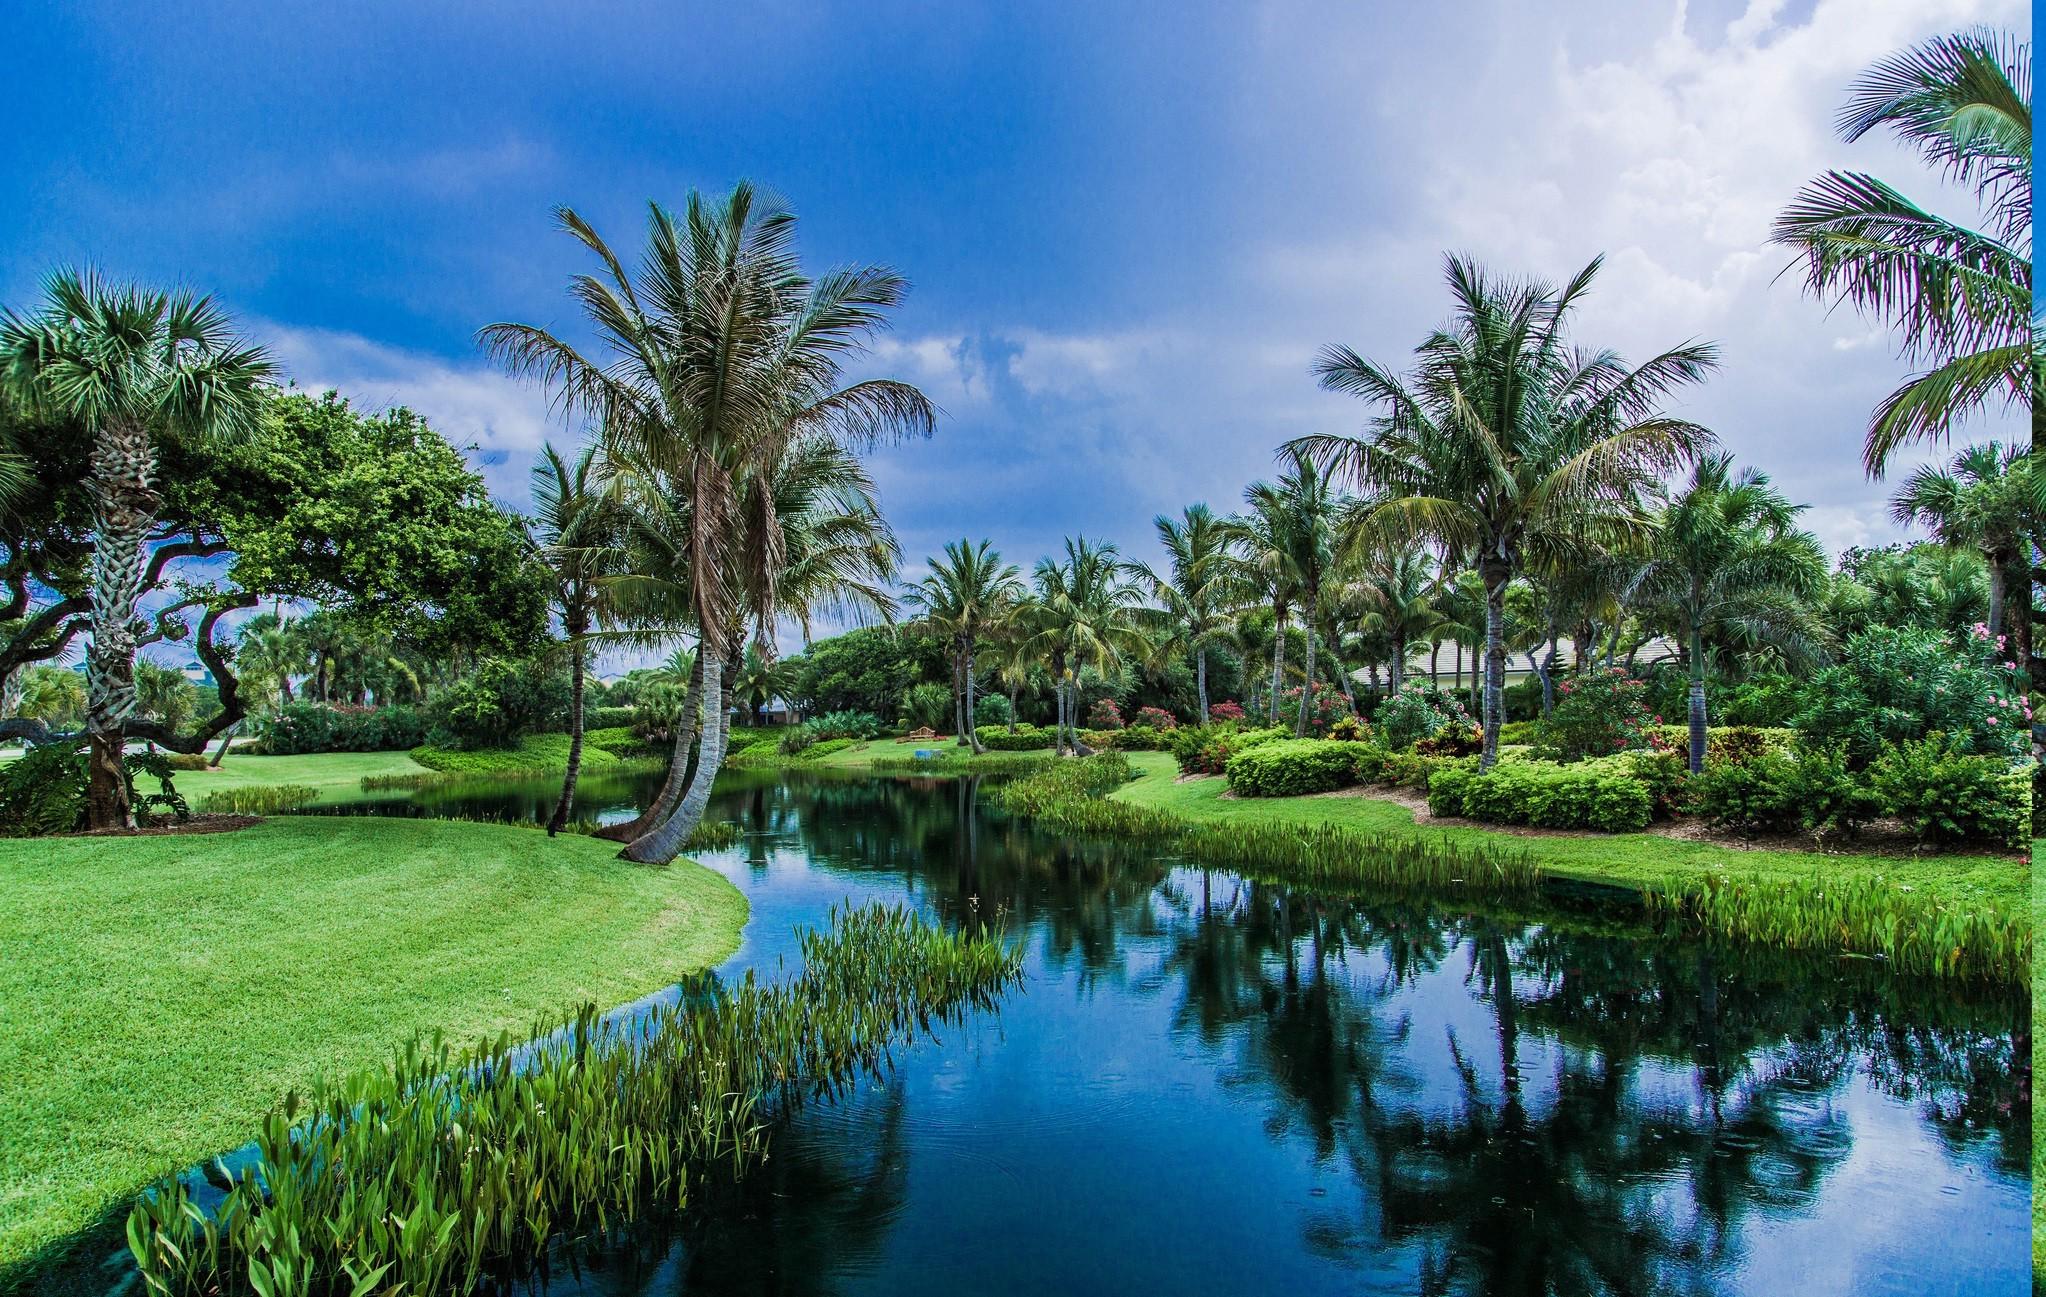 фото красивого леса с пальмами чтобы был